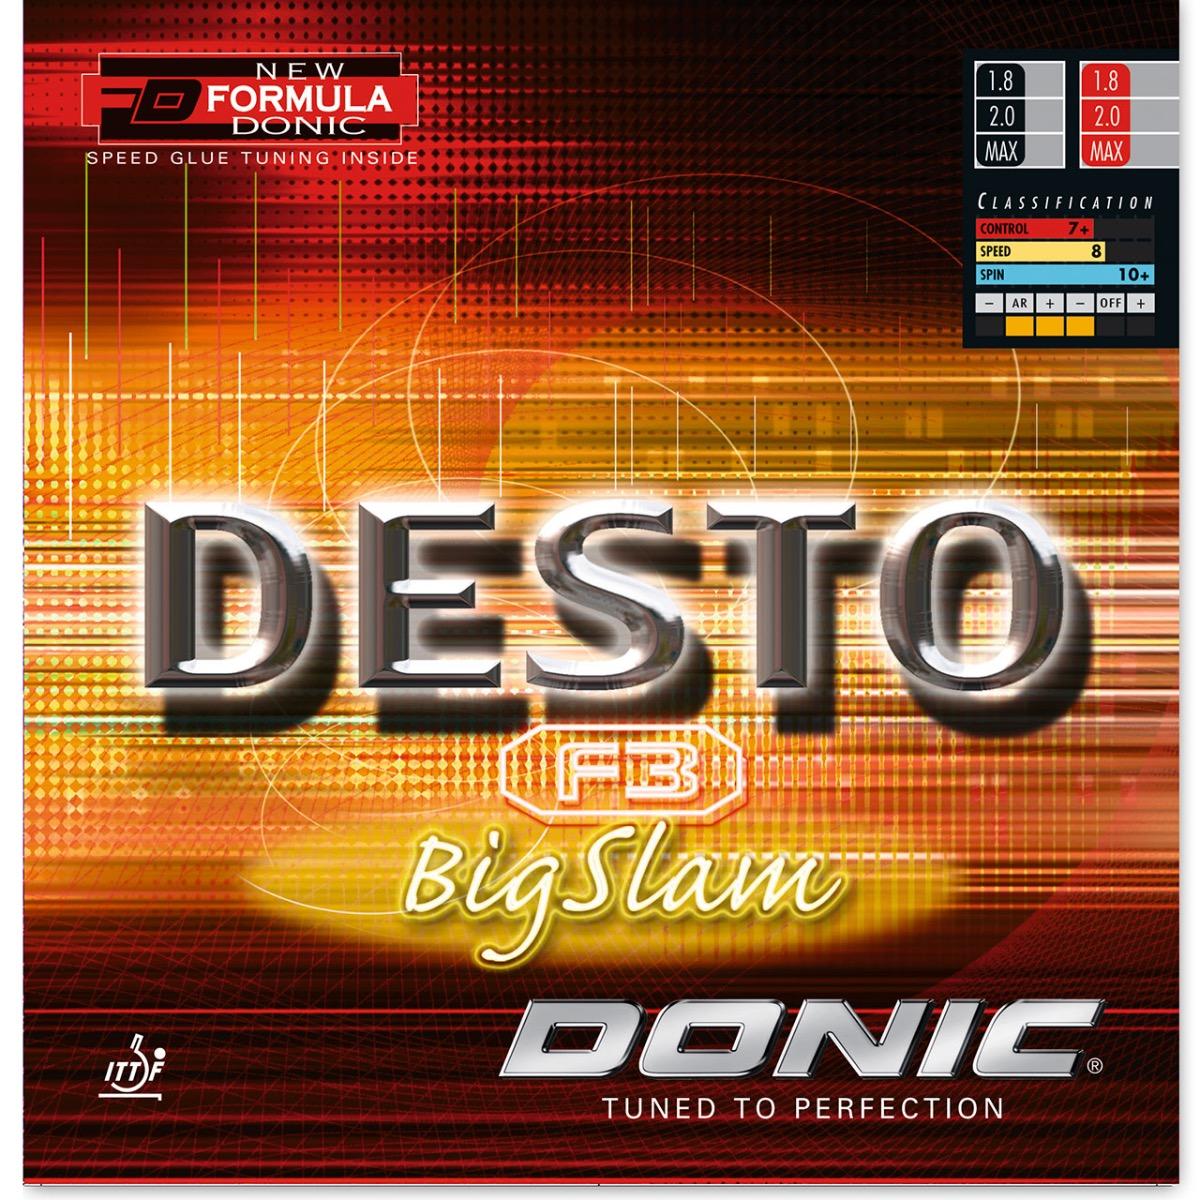 Donic Desto F3 Big Slam